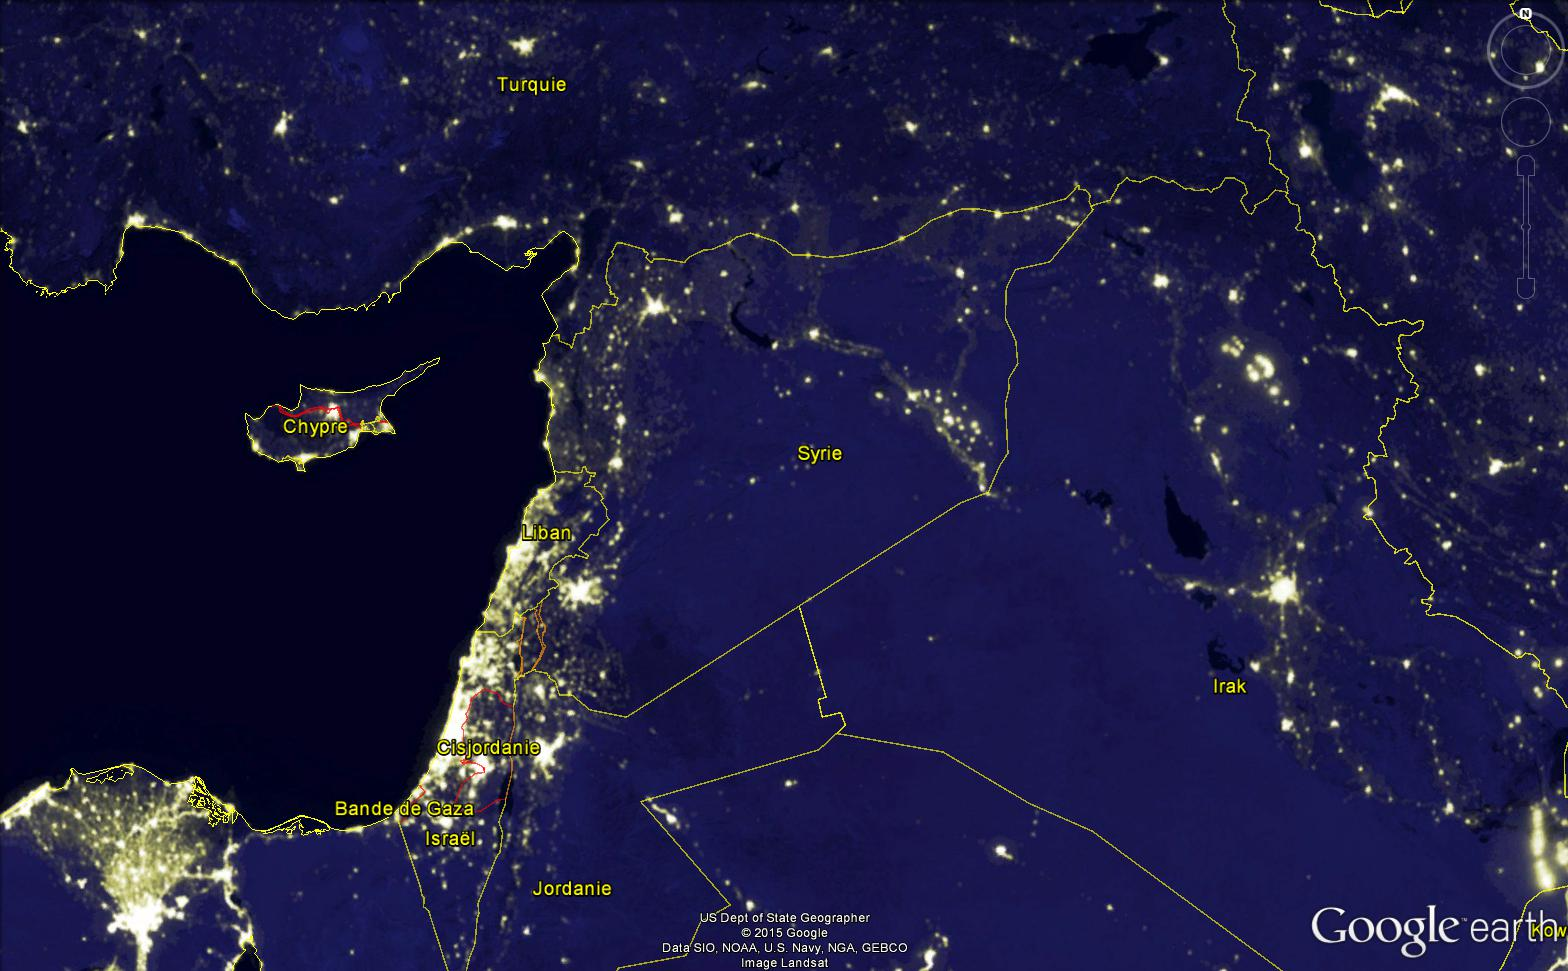 SYRIE : après 4 ans de guerre, un pays plongé dans l'obscurité Syrie_11